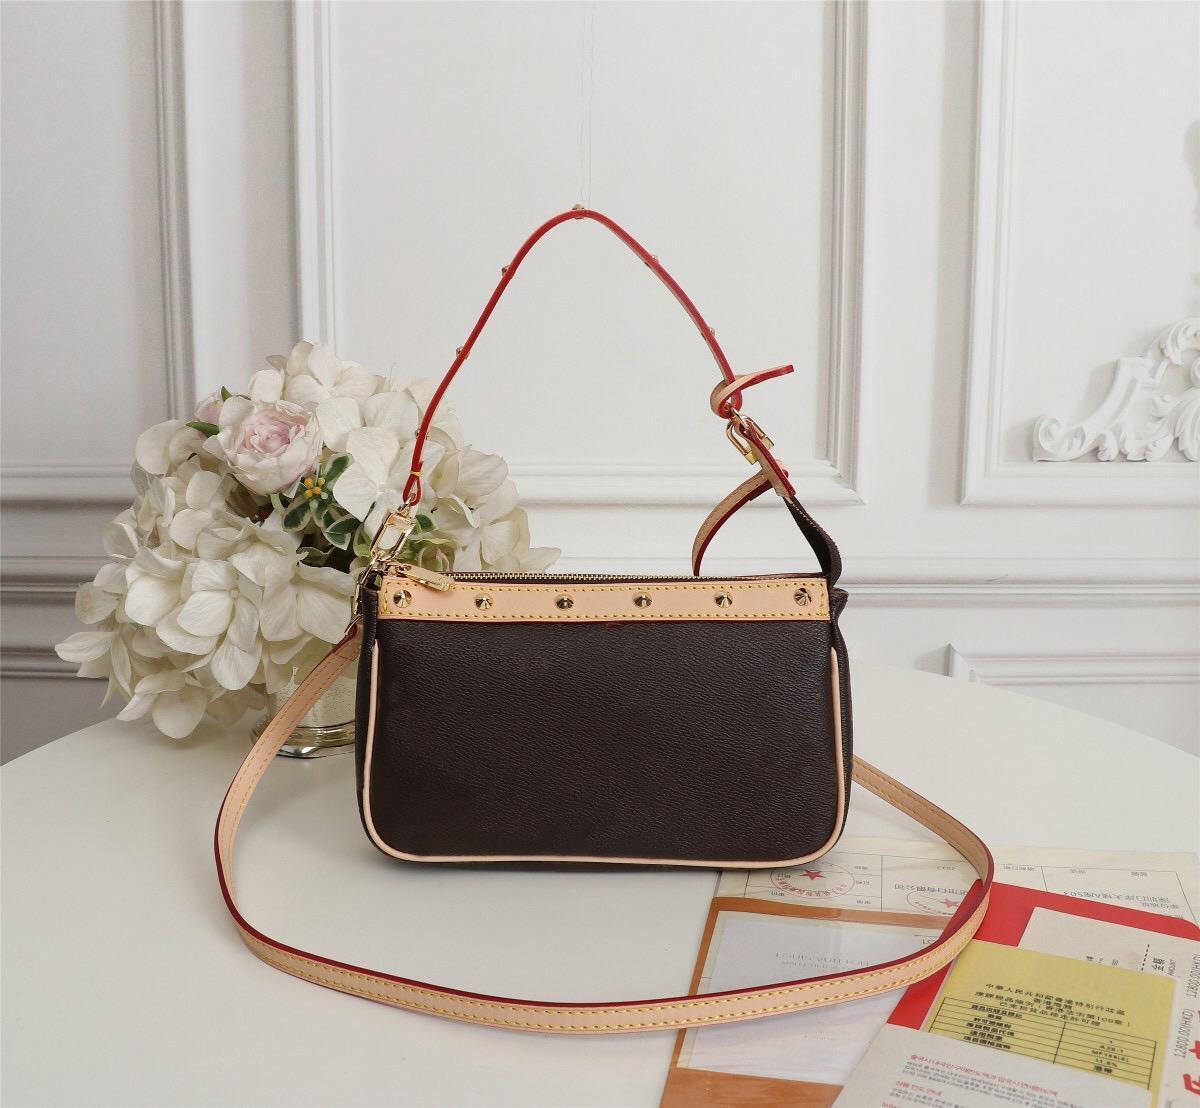 Посланник дизайнеров стиль классическая карта мода портативный тренд сумка на плечо 2020 кошелек тренд сумка роскошь дамы должны иметь BRNRG